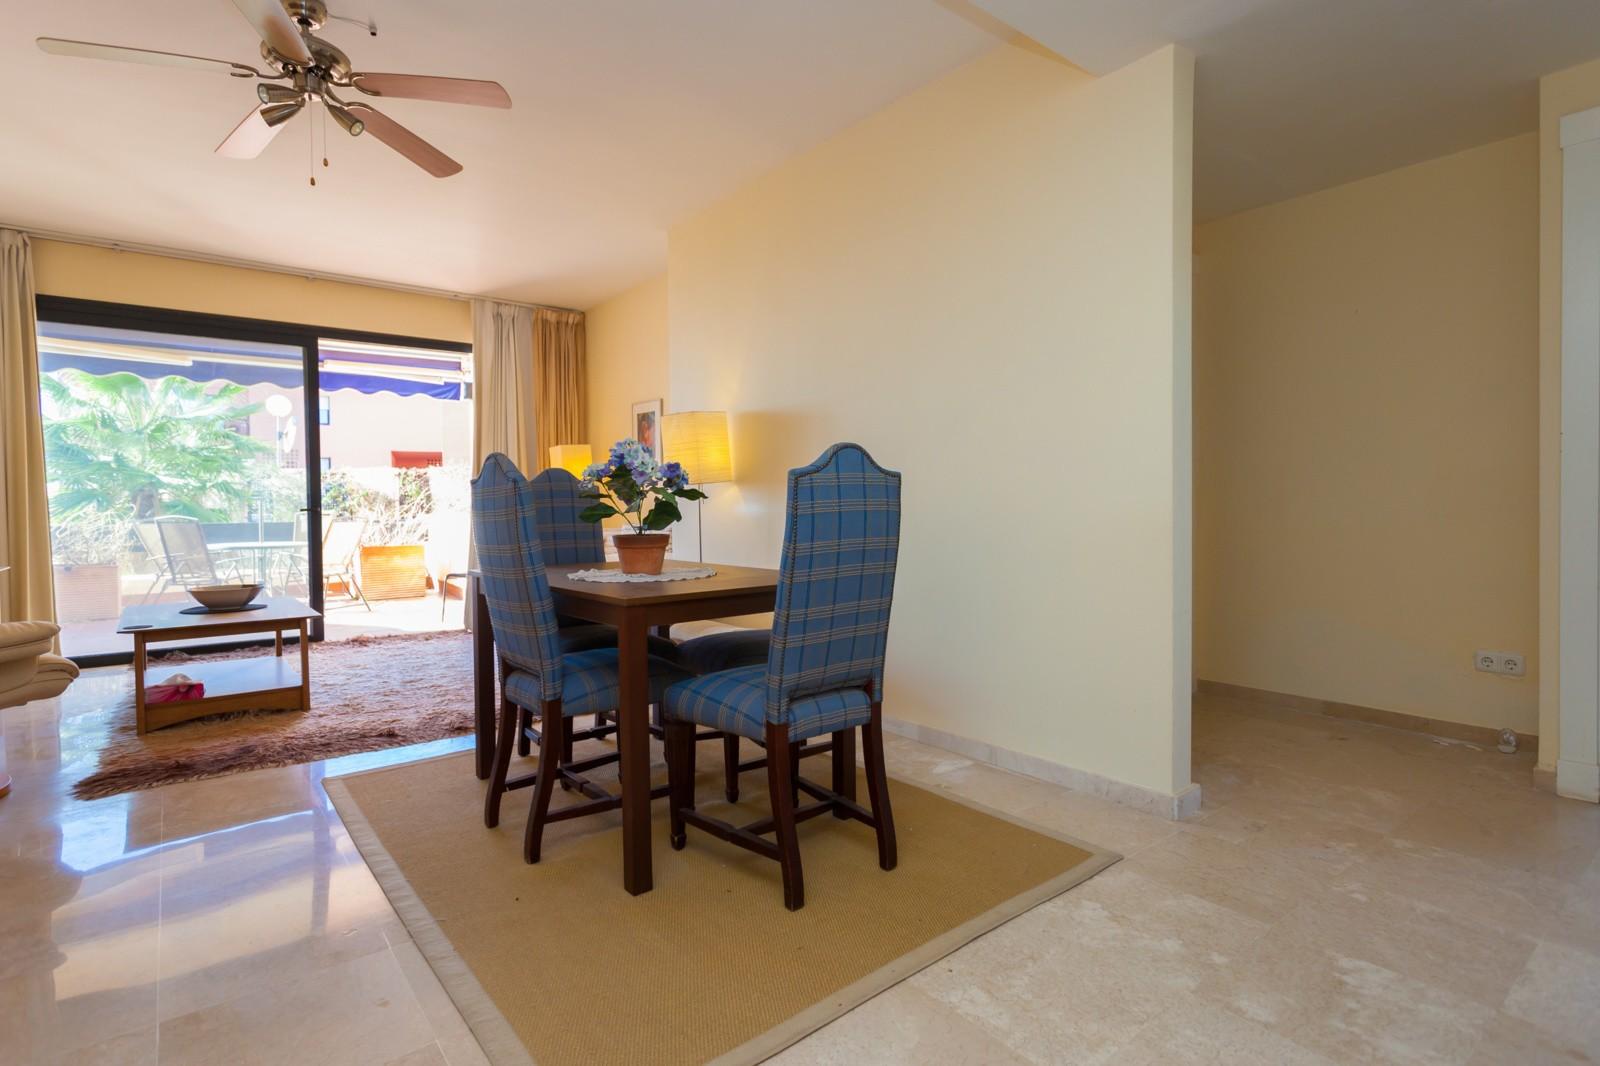 Apartment in Calahonda MA7636610 5